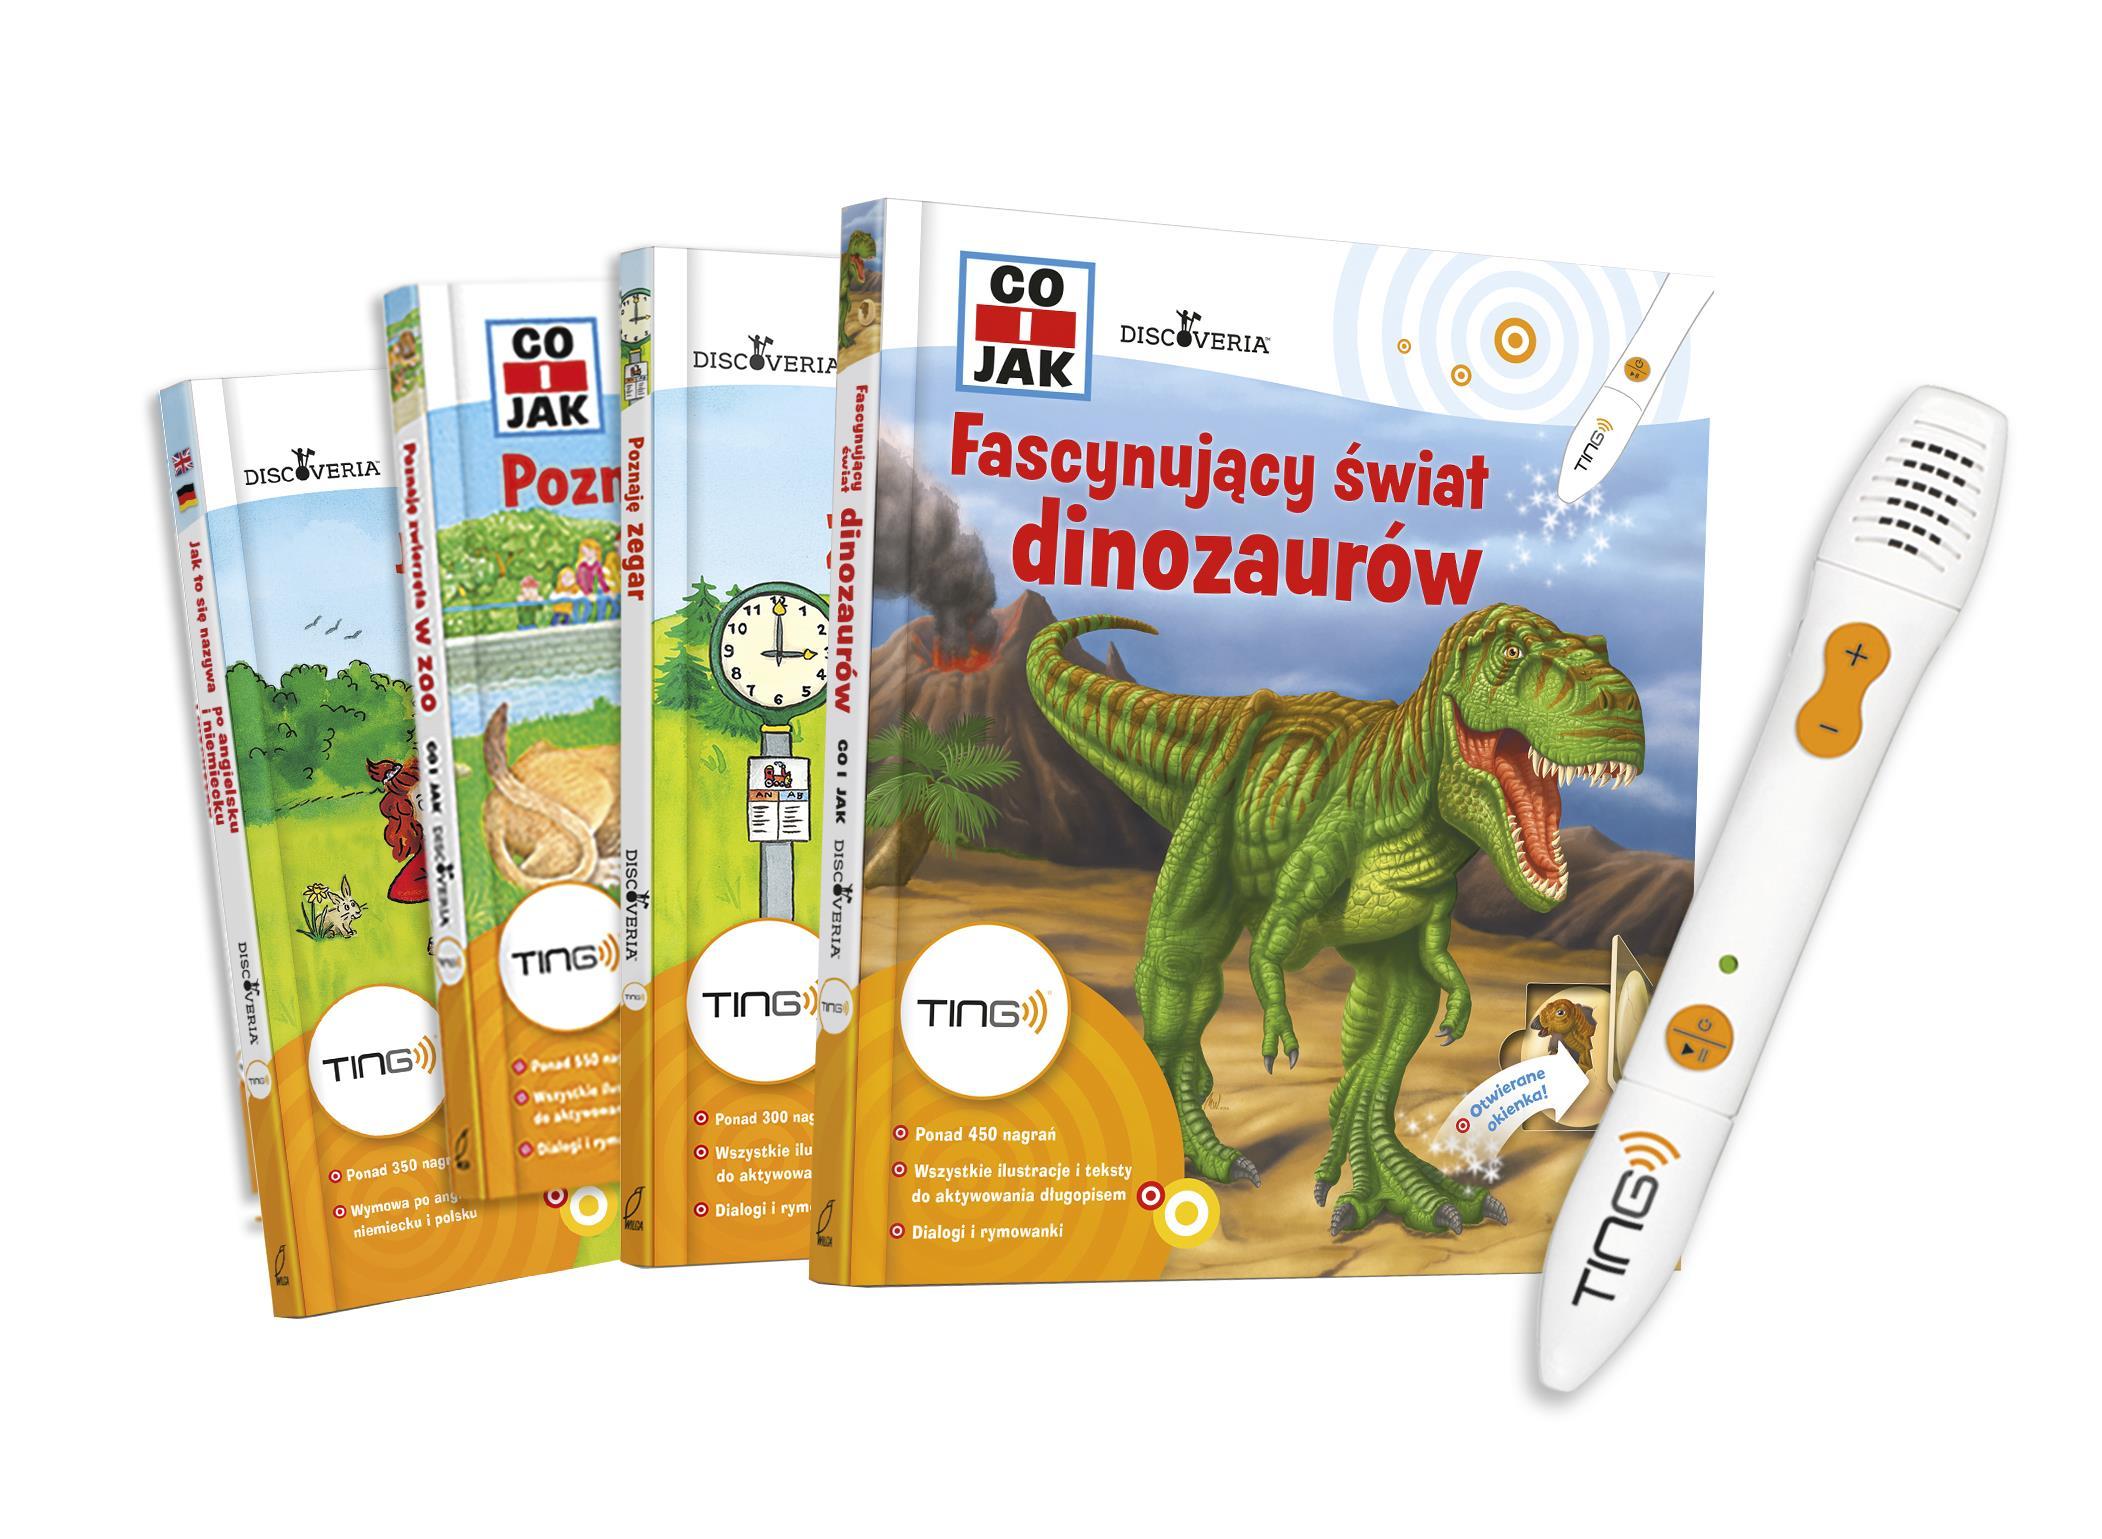 Seria interaktywnych książek z długopisem TING